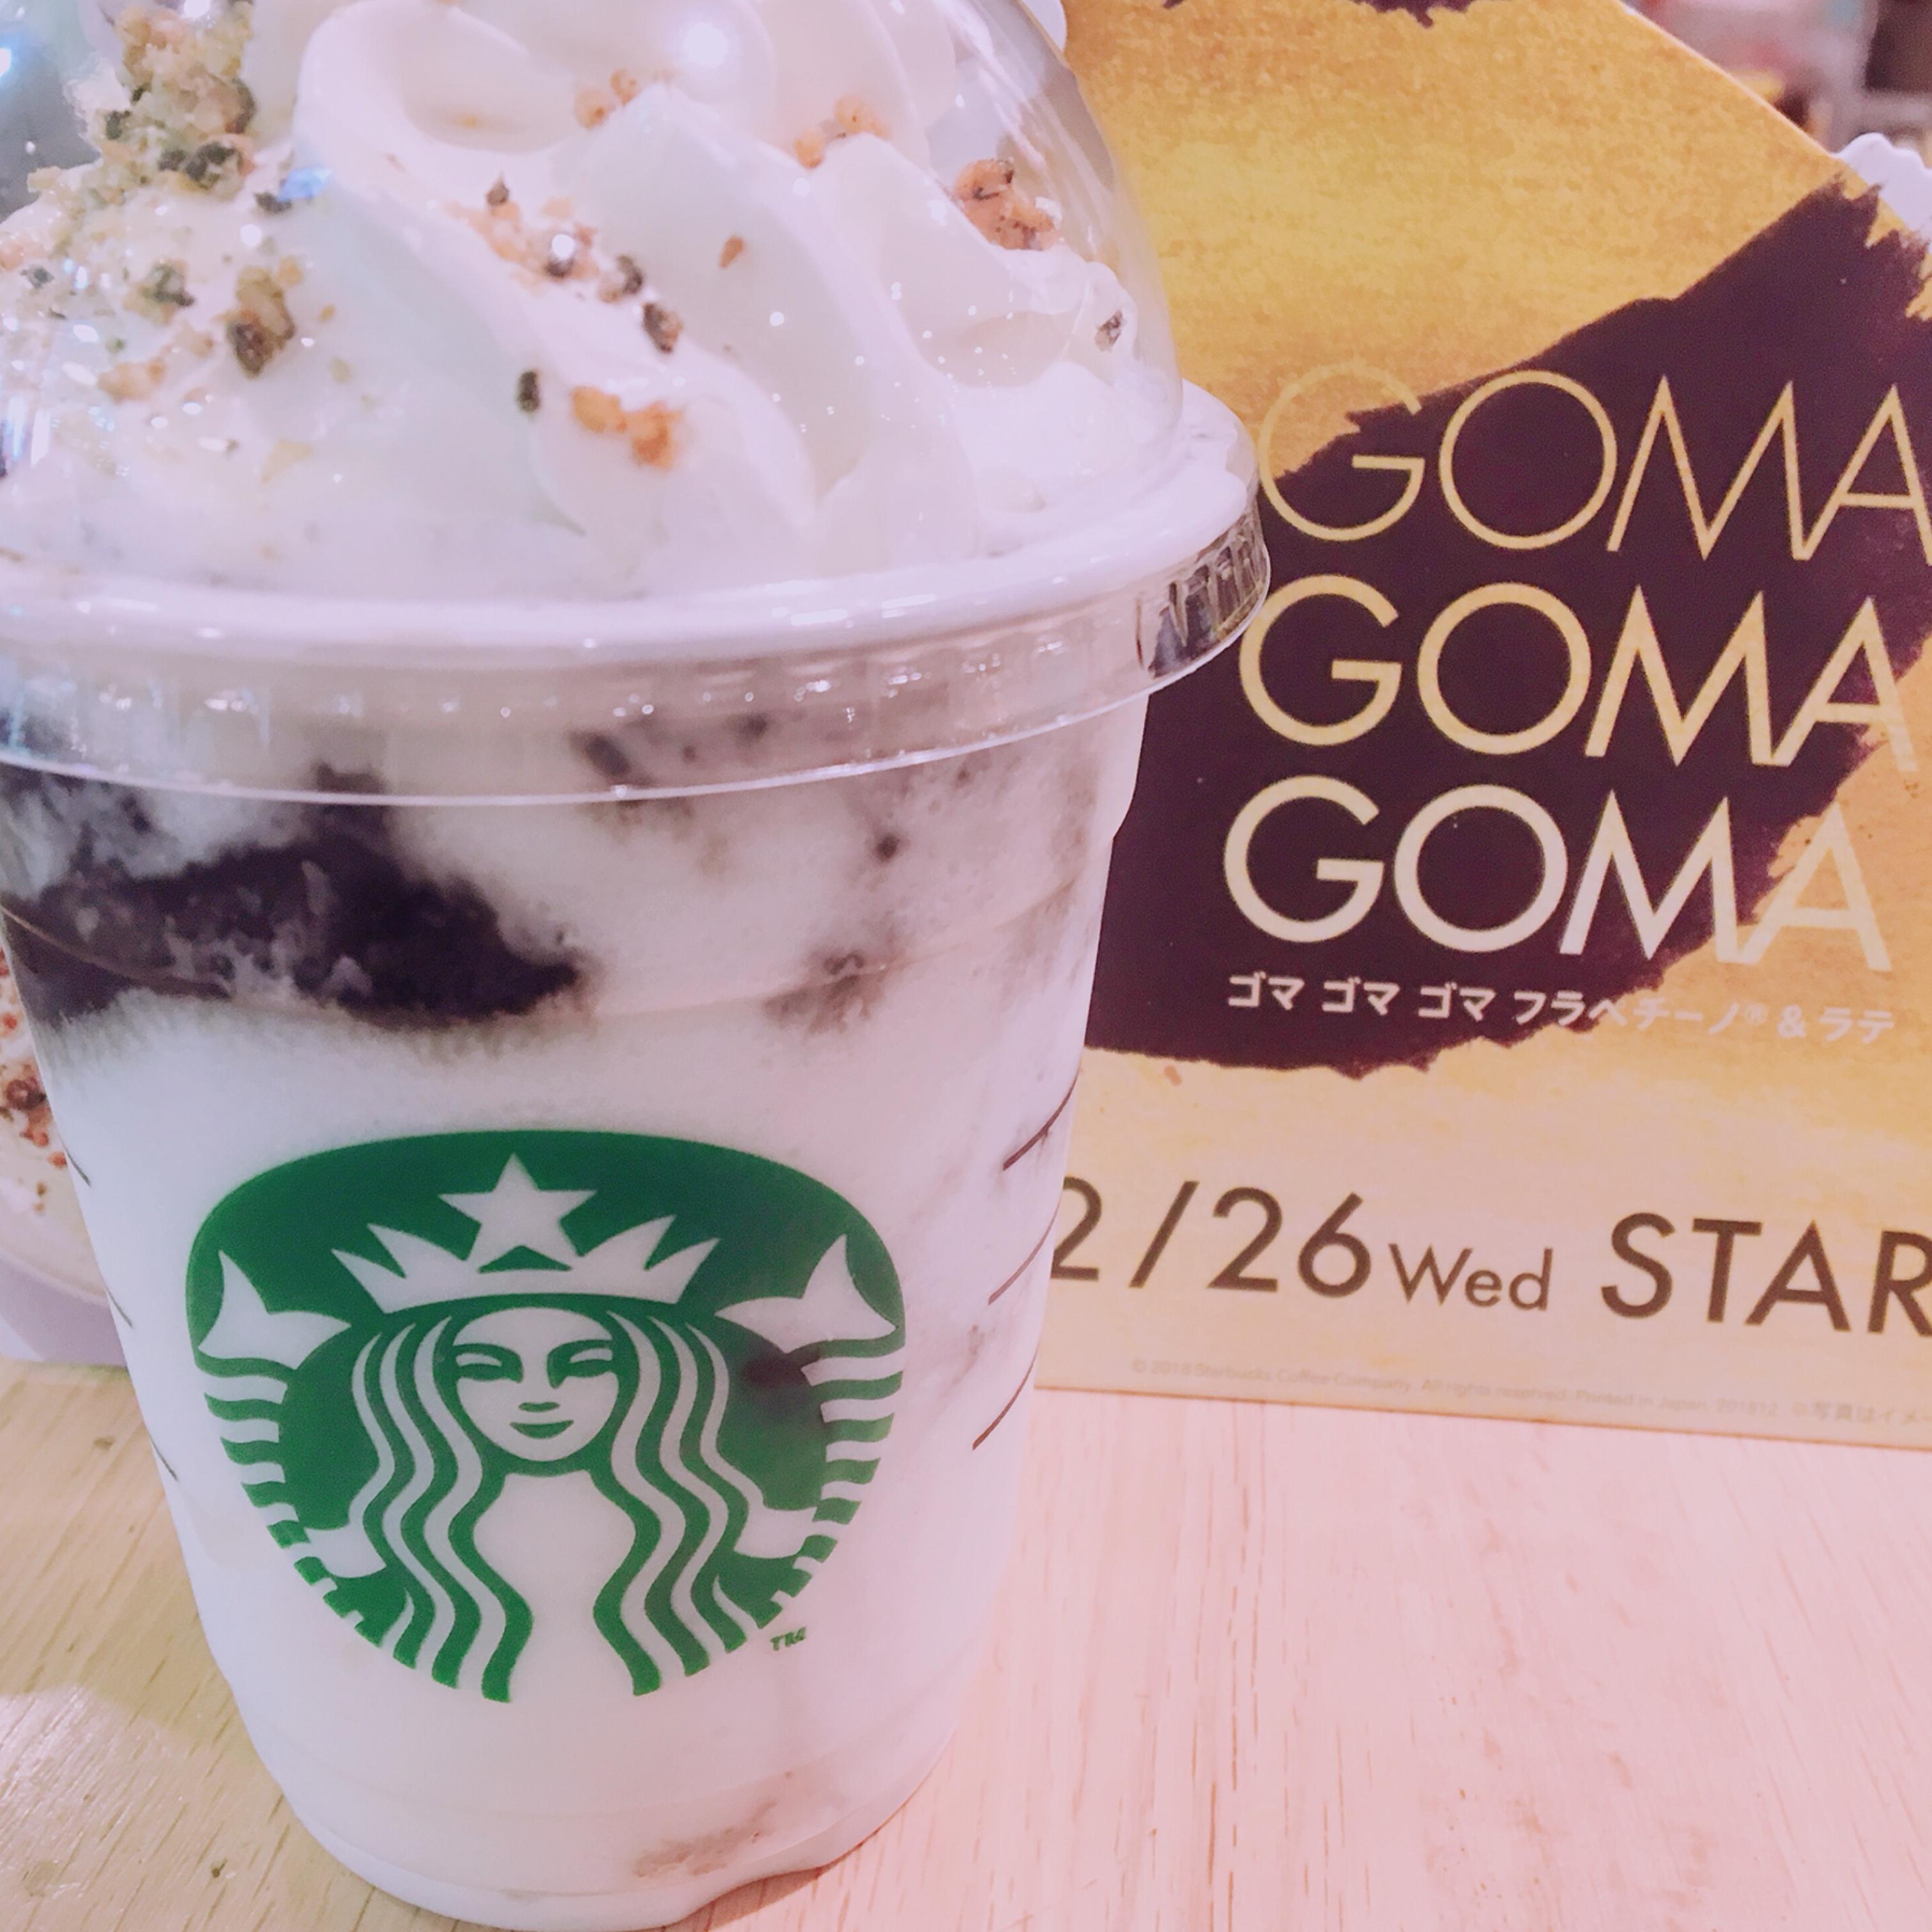 スタバ始め♡2019年最初に飲んだのはゴマゴマゴマラテ!_2